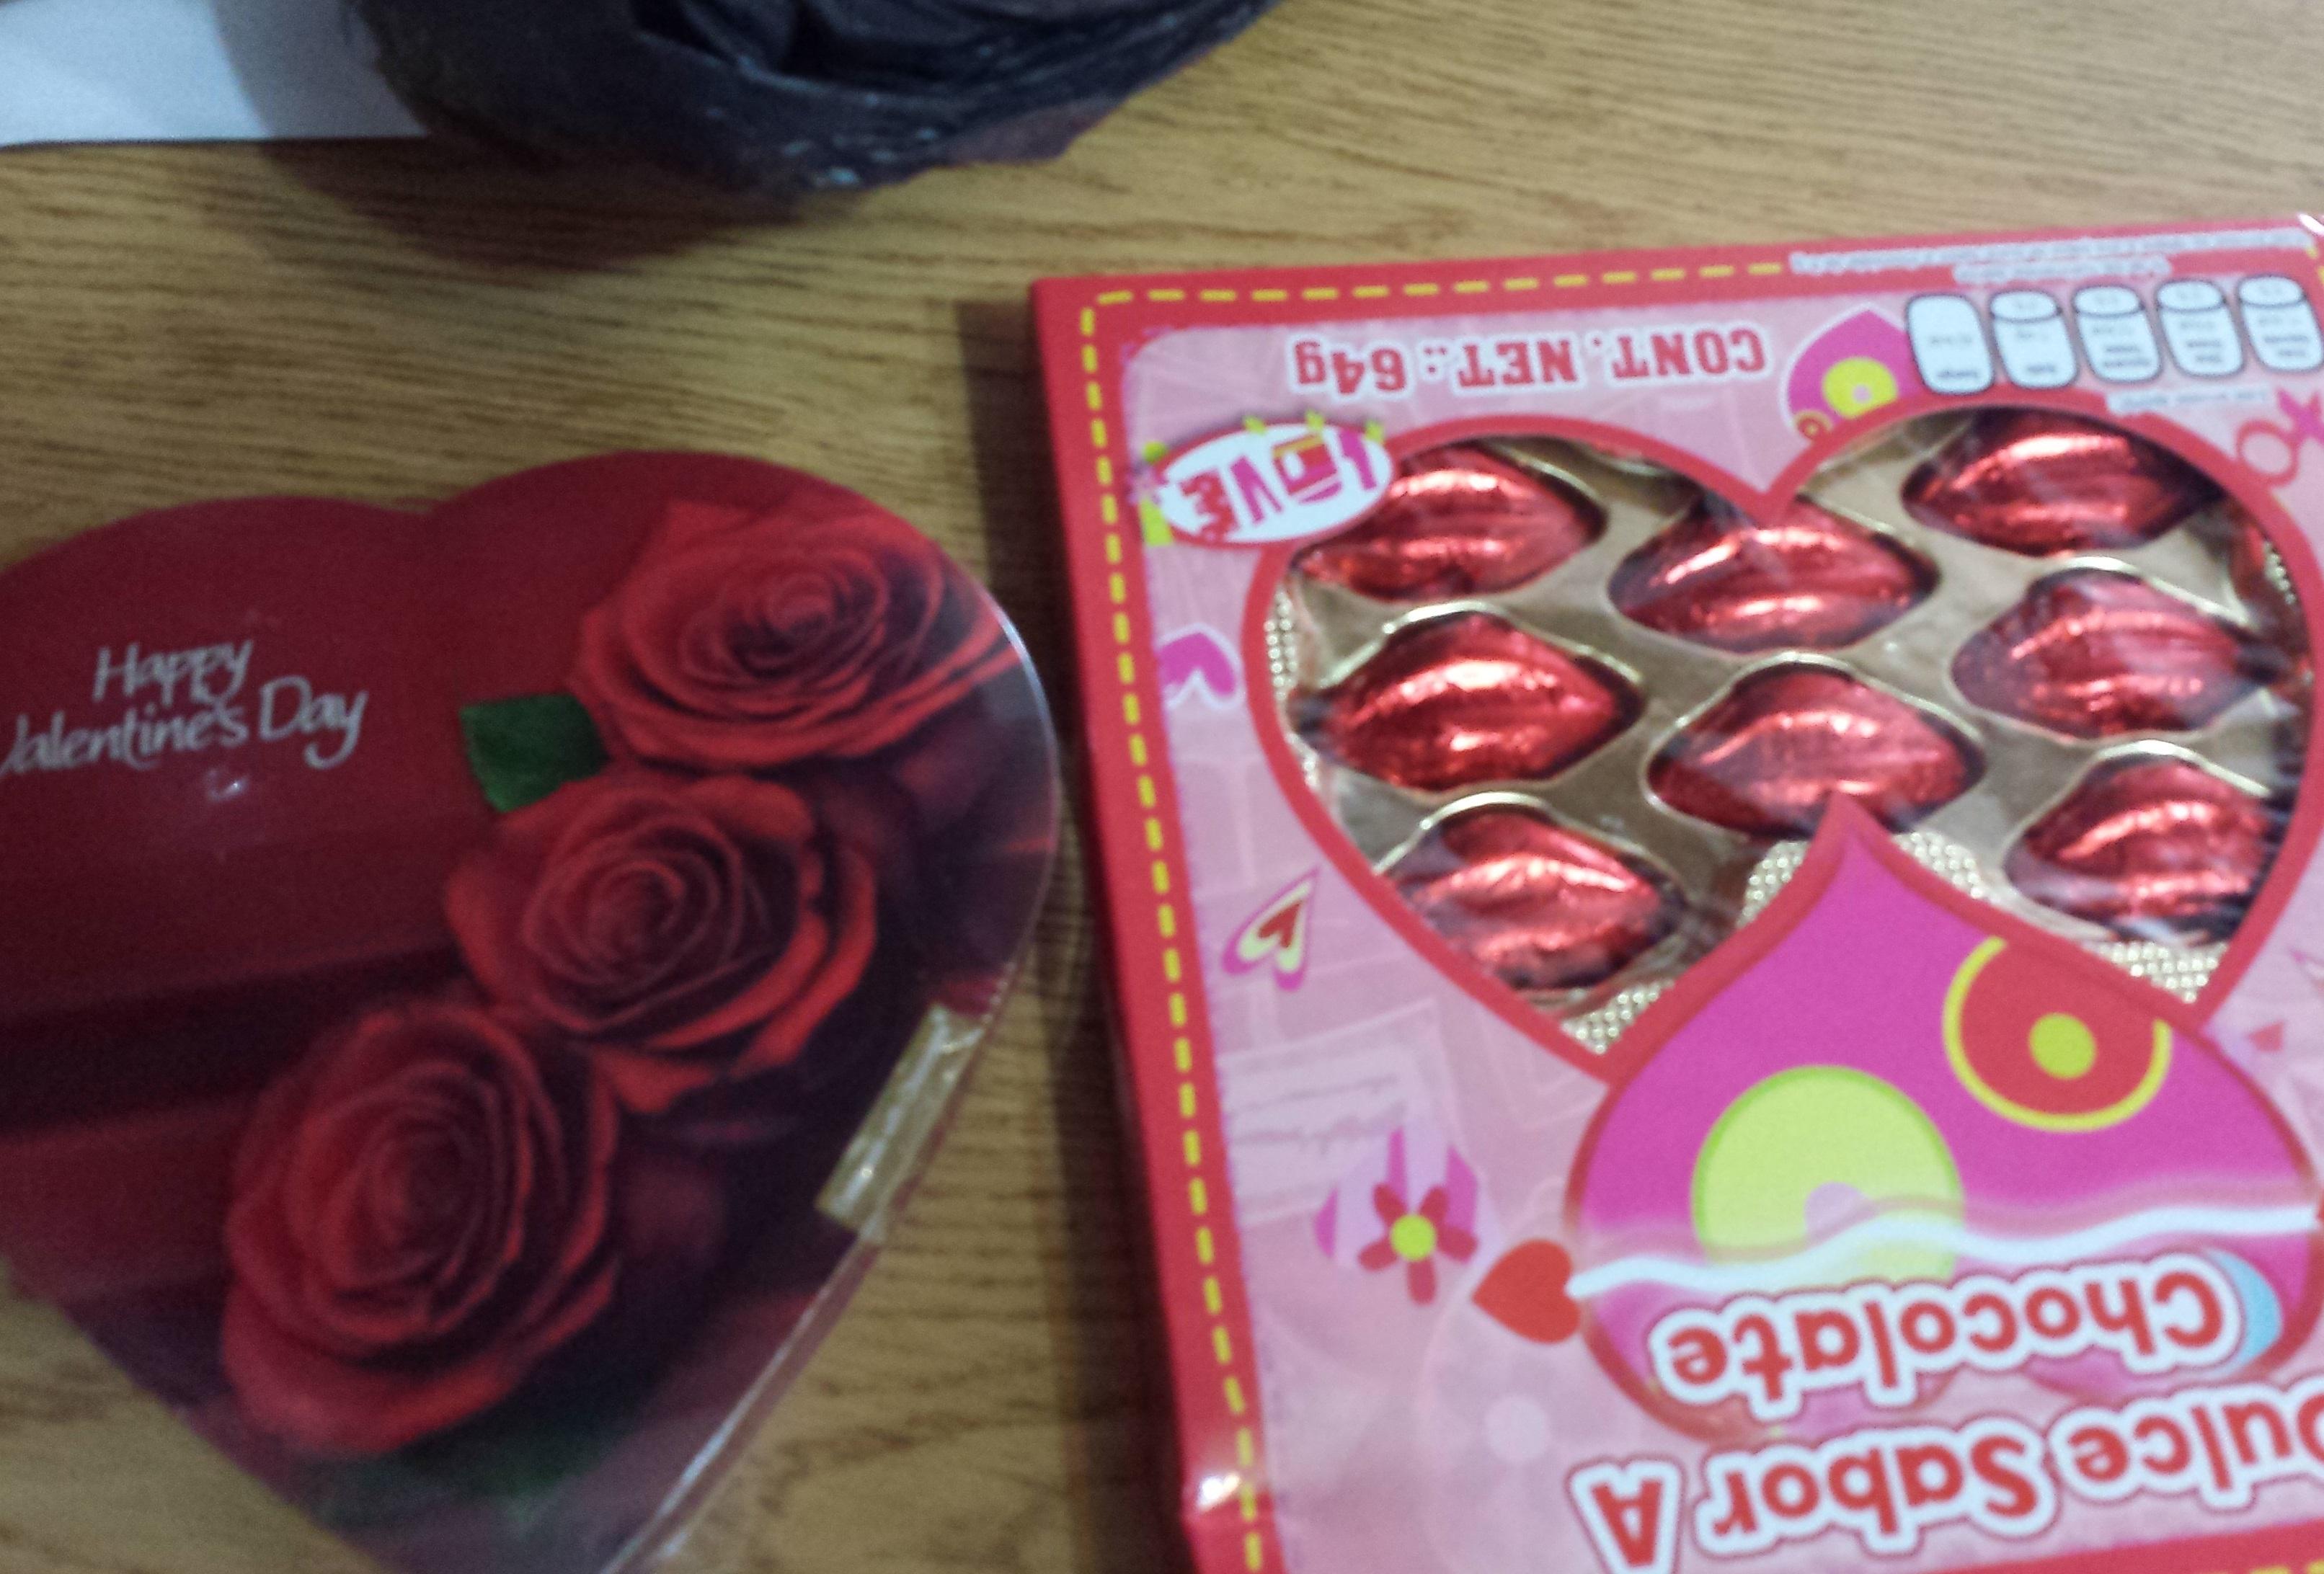 Bodega Aurrerá Cd. Juárez: Chocolates con relleno y sin relleno a 5.02, cámara desechable a $48.02 y $60.02